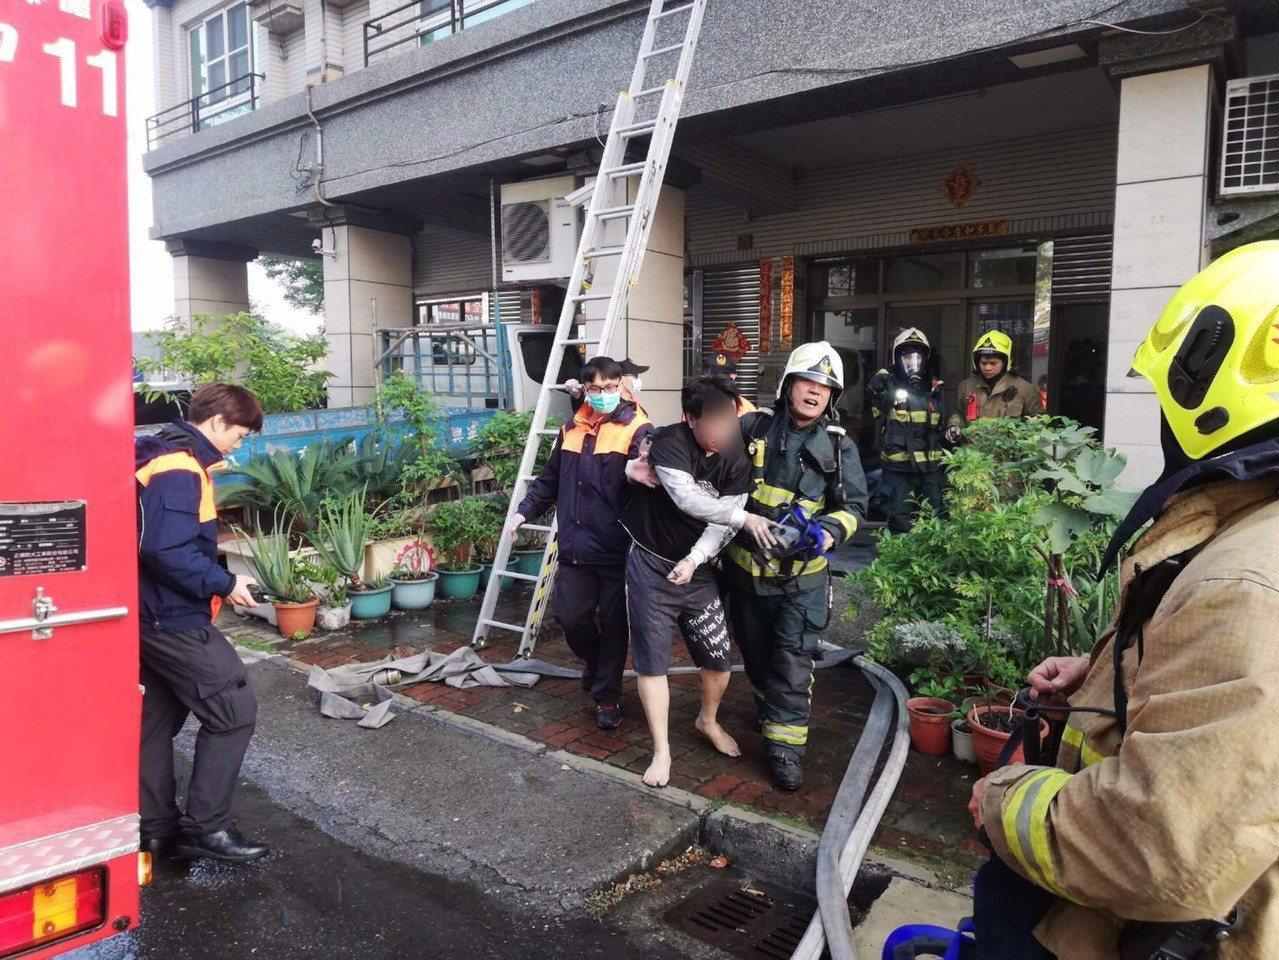 鳳祥分隊隊員蕭志明(中間右)找到受困三樓的洪姓男子(中間左),隨即將自己空氣面罩...